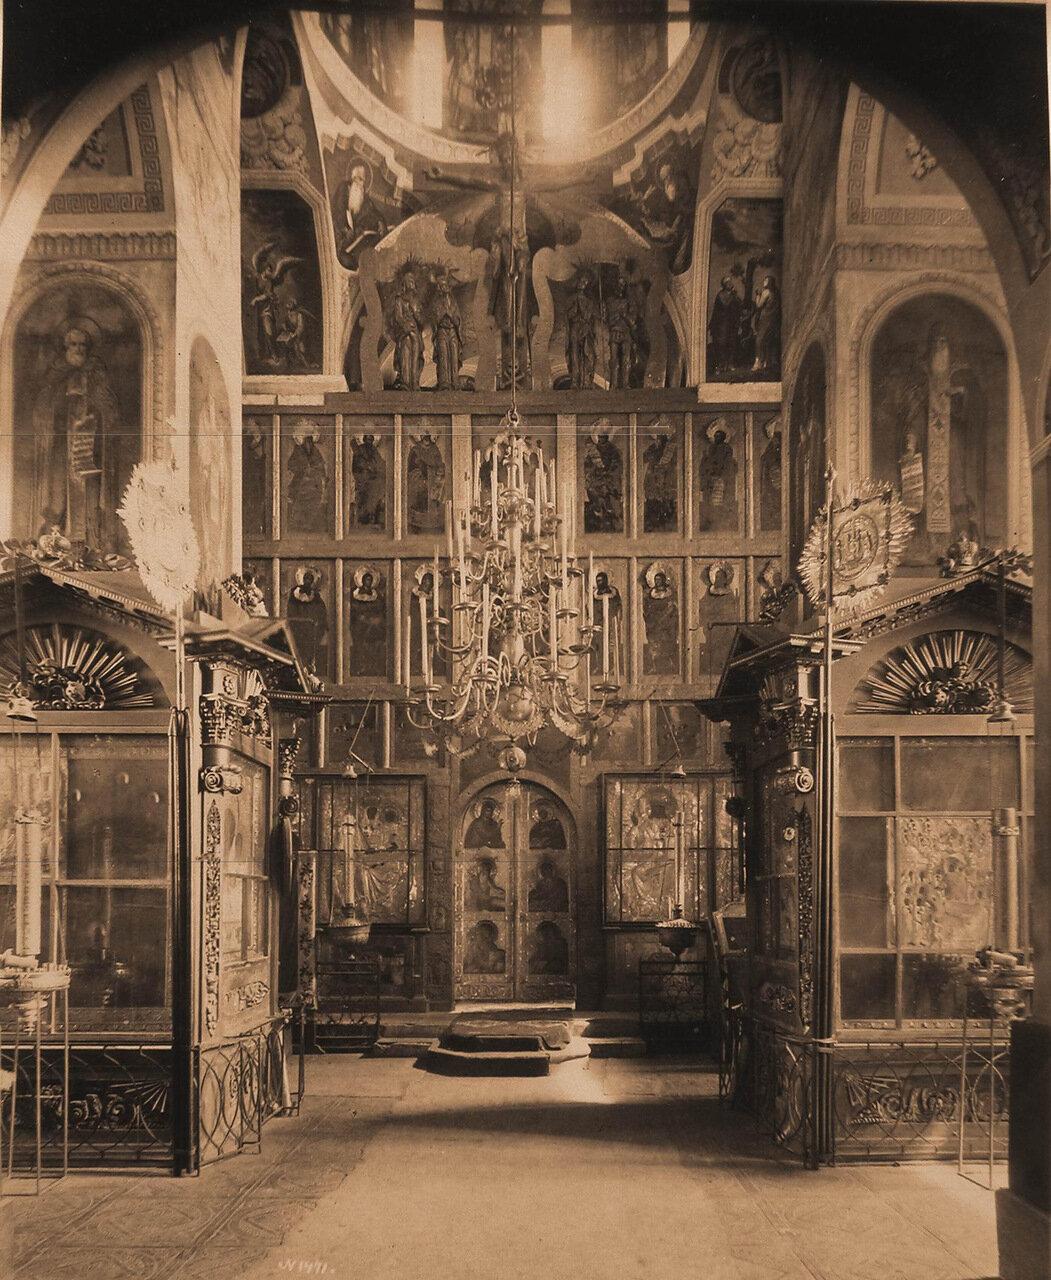 Вид части иконостаса и царских врат в приделе церкви Рождества Христова